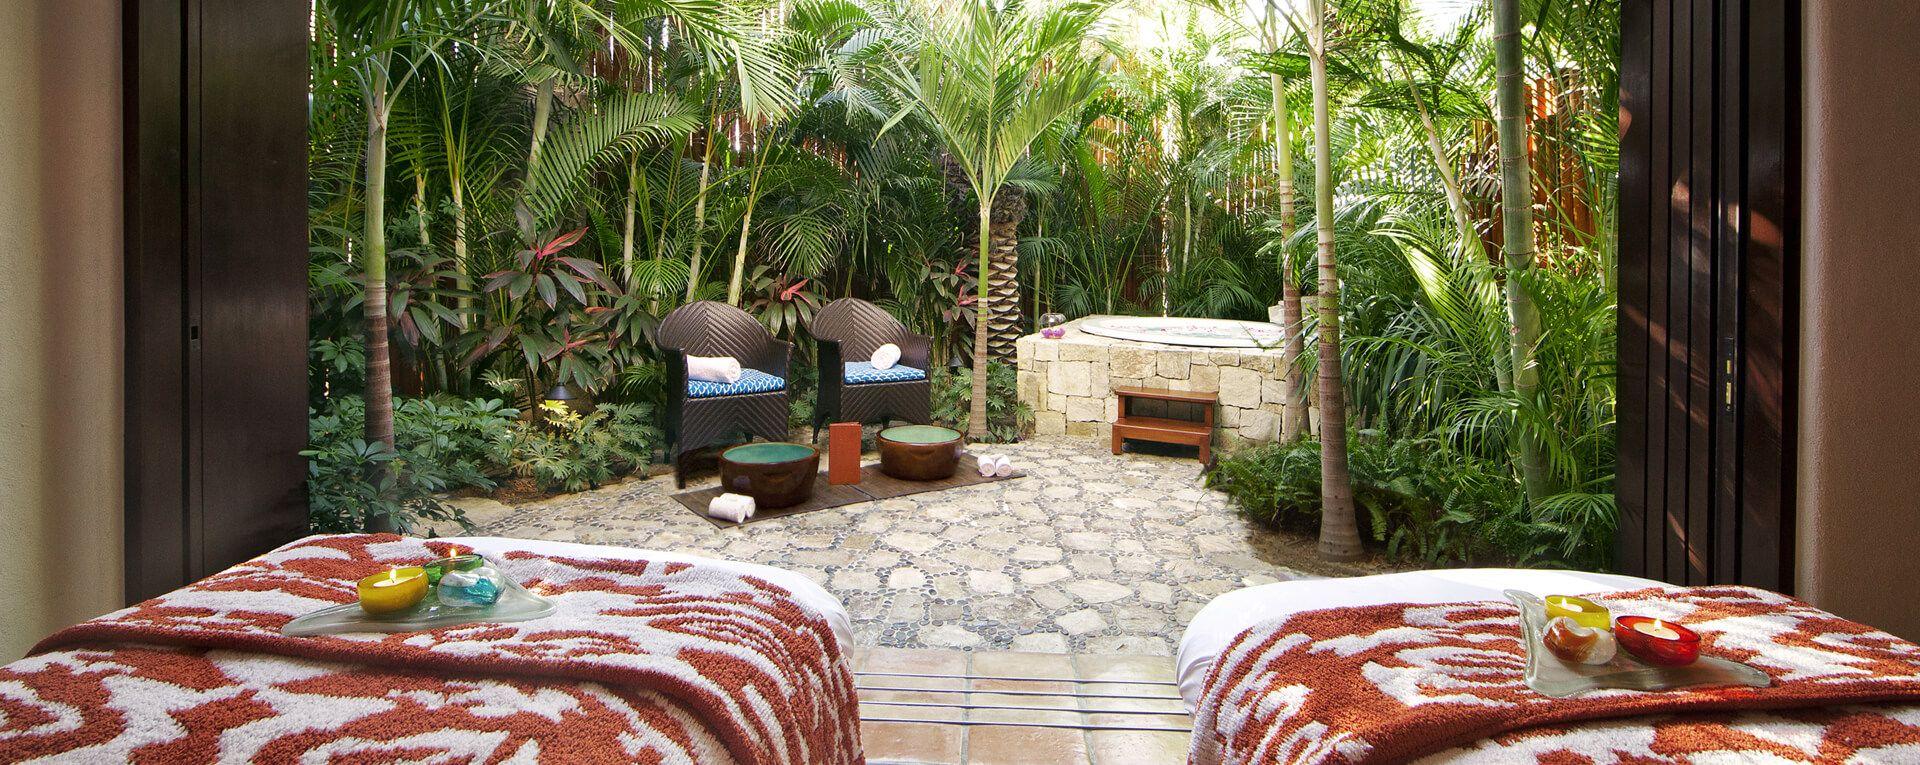 Las Ventanas Al Paraiso, A Rosewood Resort, Los Cabos